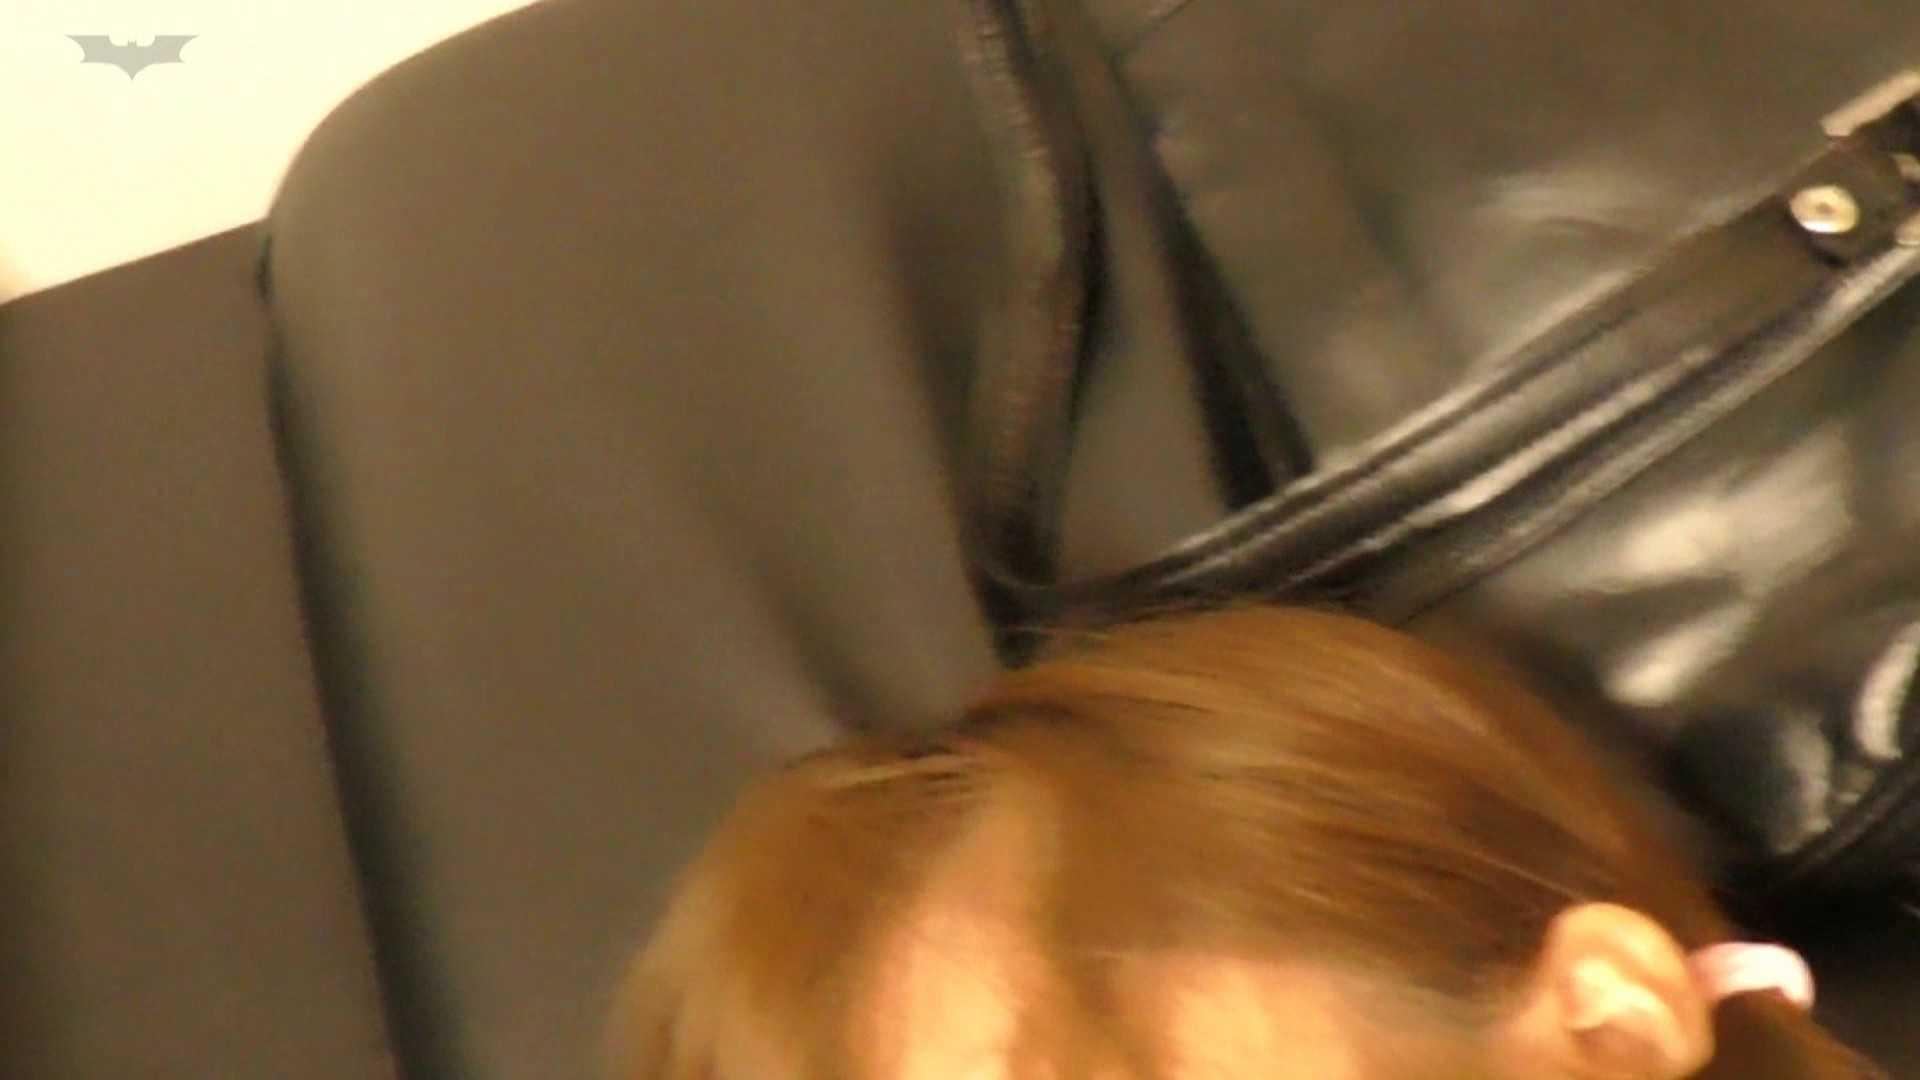 無修正ヌード|悪戯ネットカフェ Vol13 後編 「効き目」が良いので2回戦目挿入っ!|怪盗ジョーカー